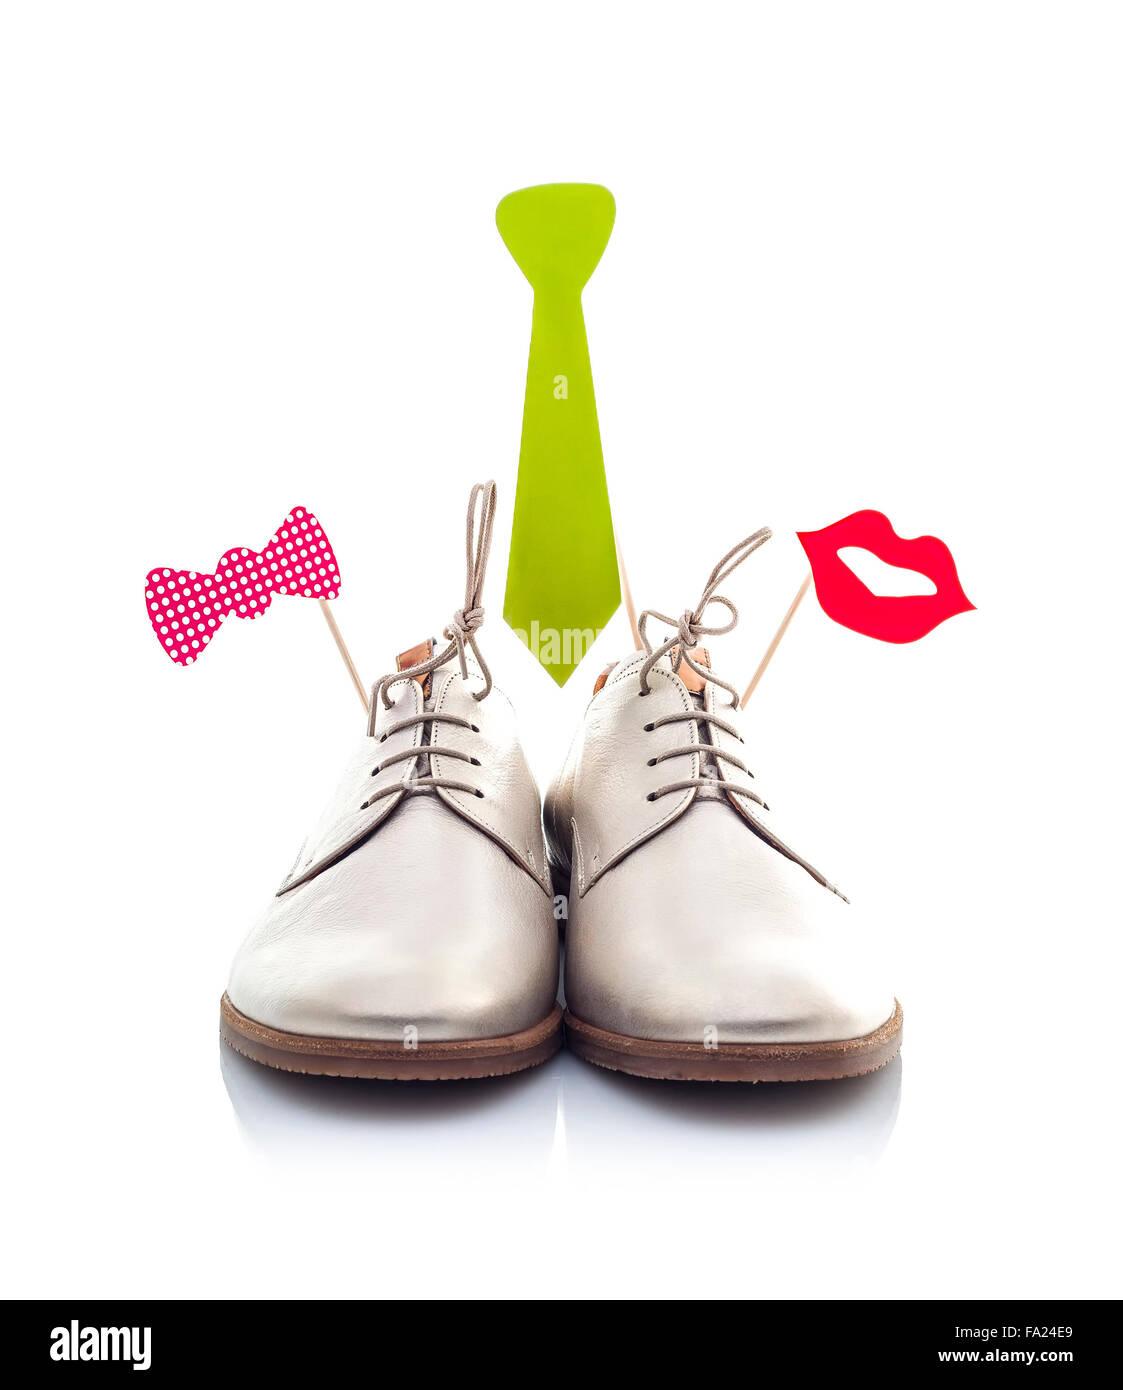 Lustige Schuhe Isoliert Auf Weissem Hintergrund Stockfoto Bild